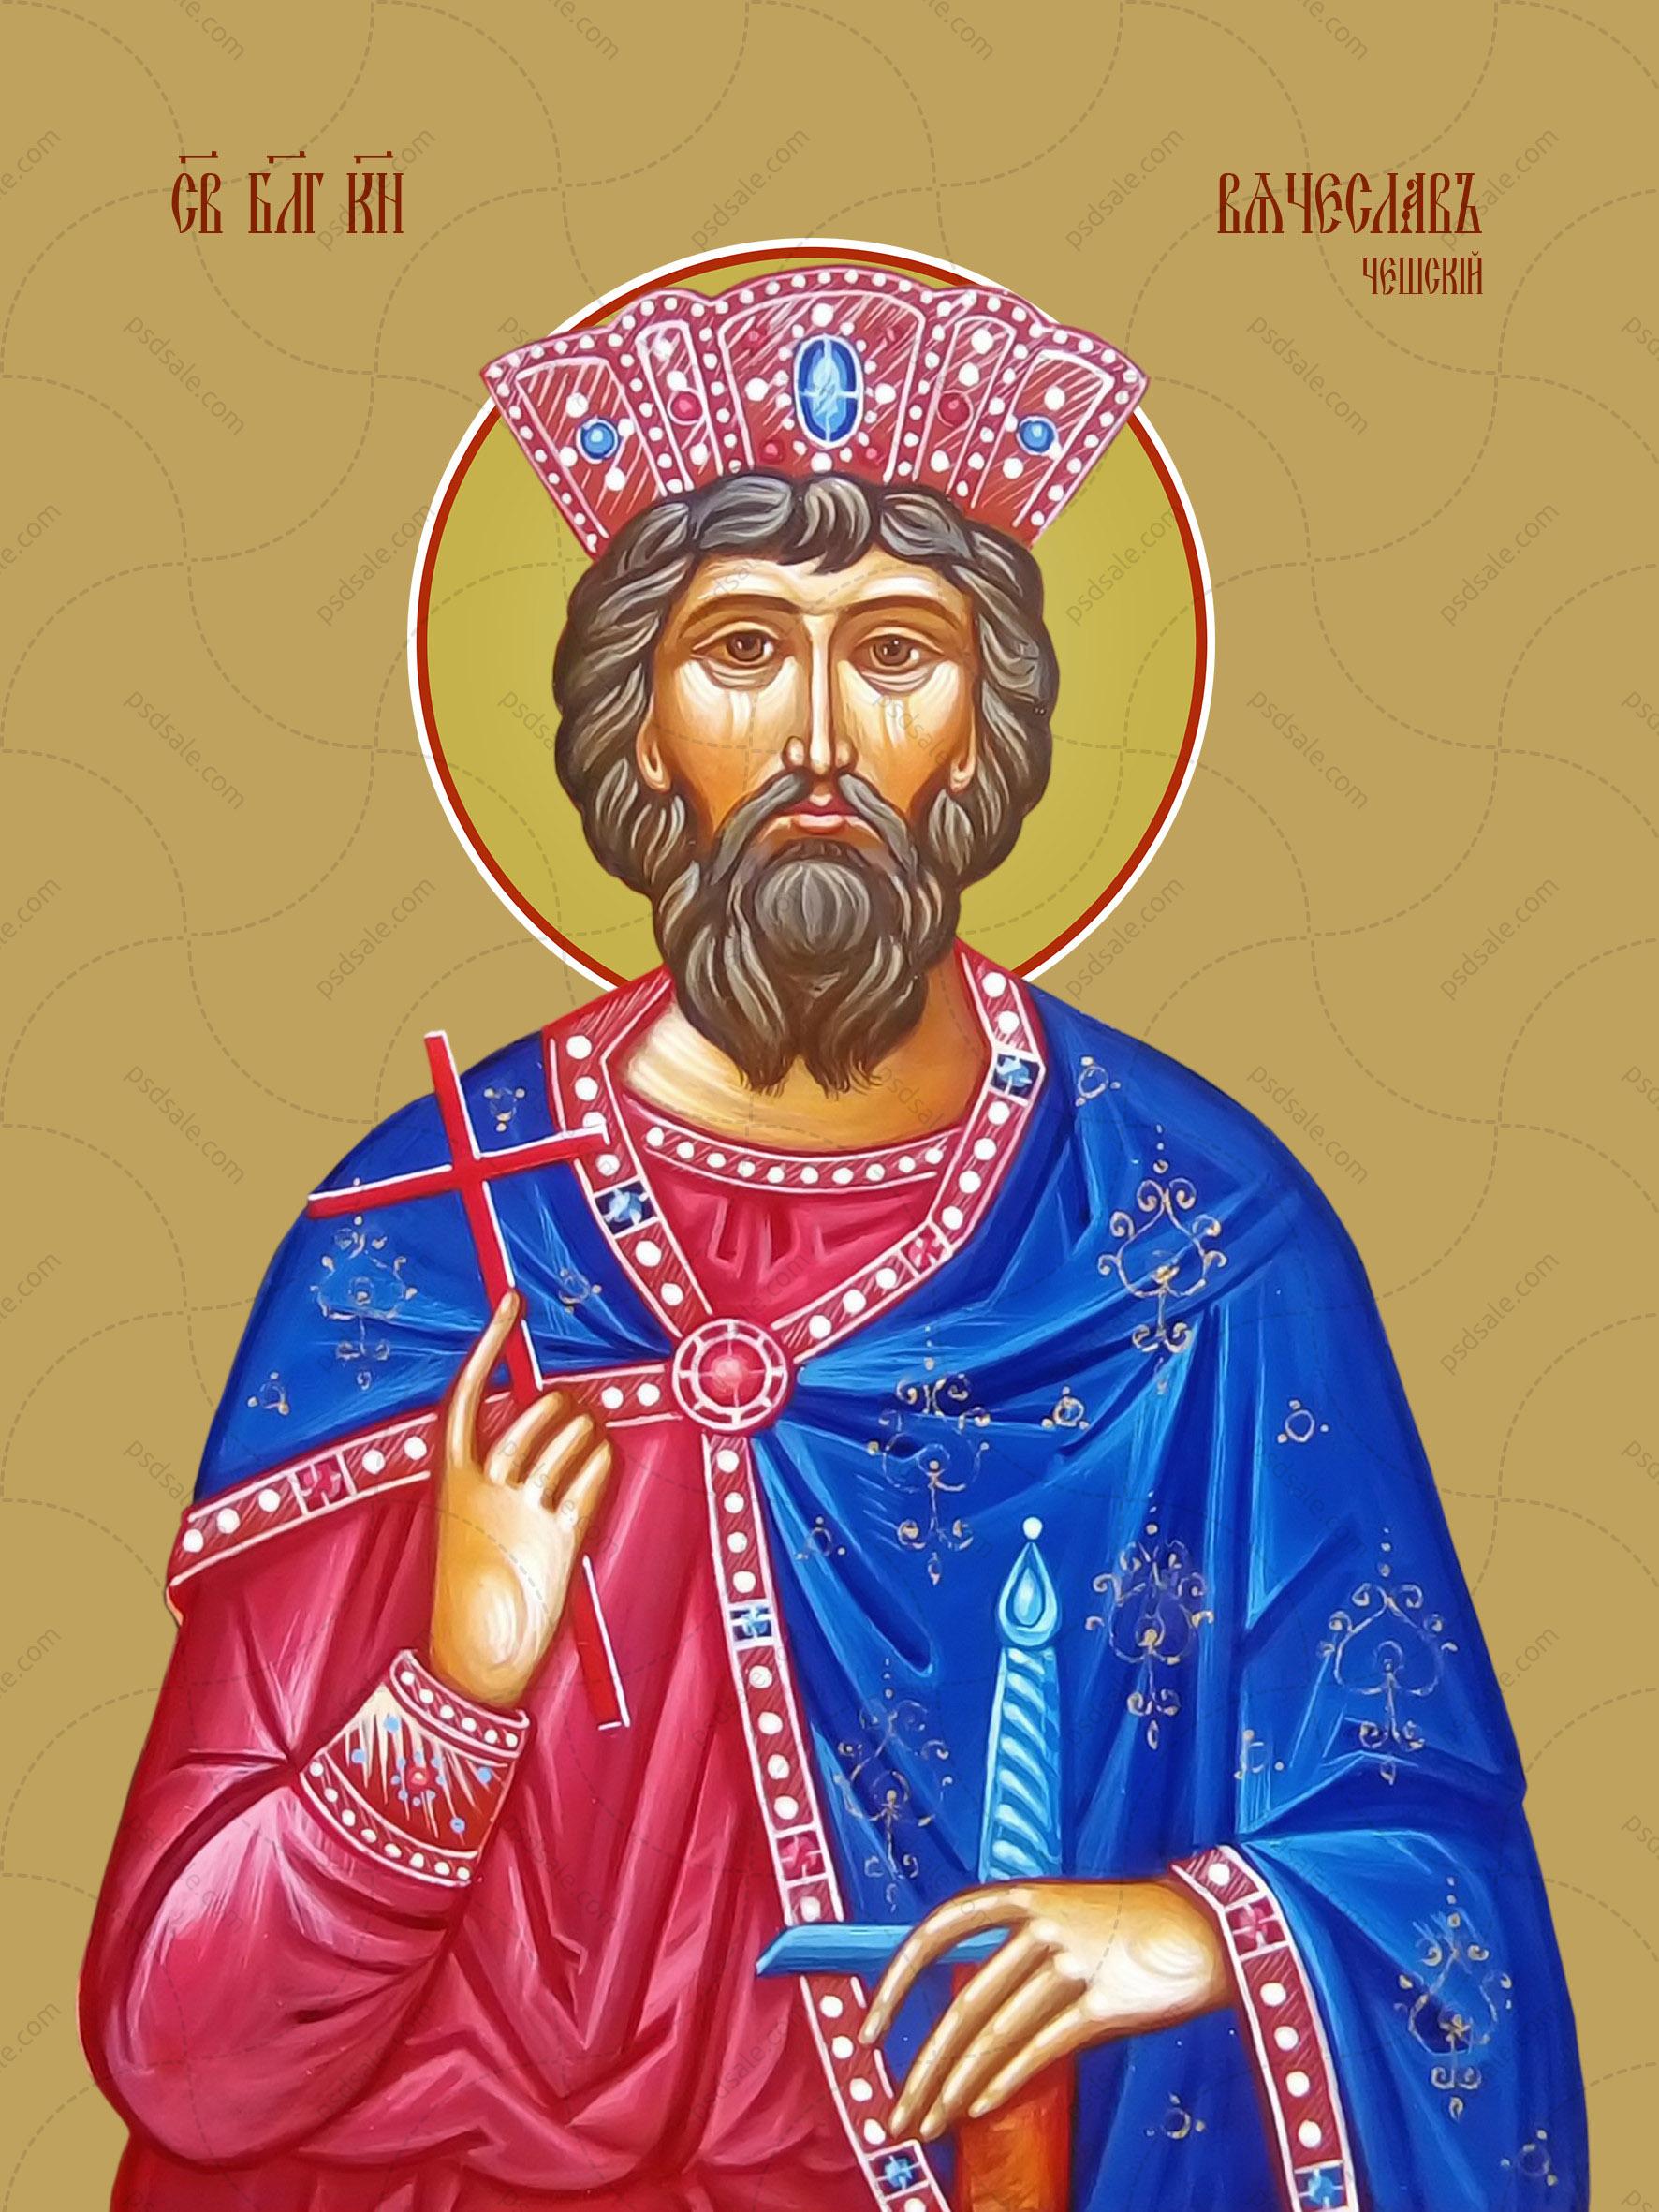 Вячеслав Чешский, святой князь